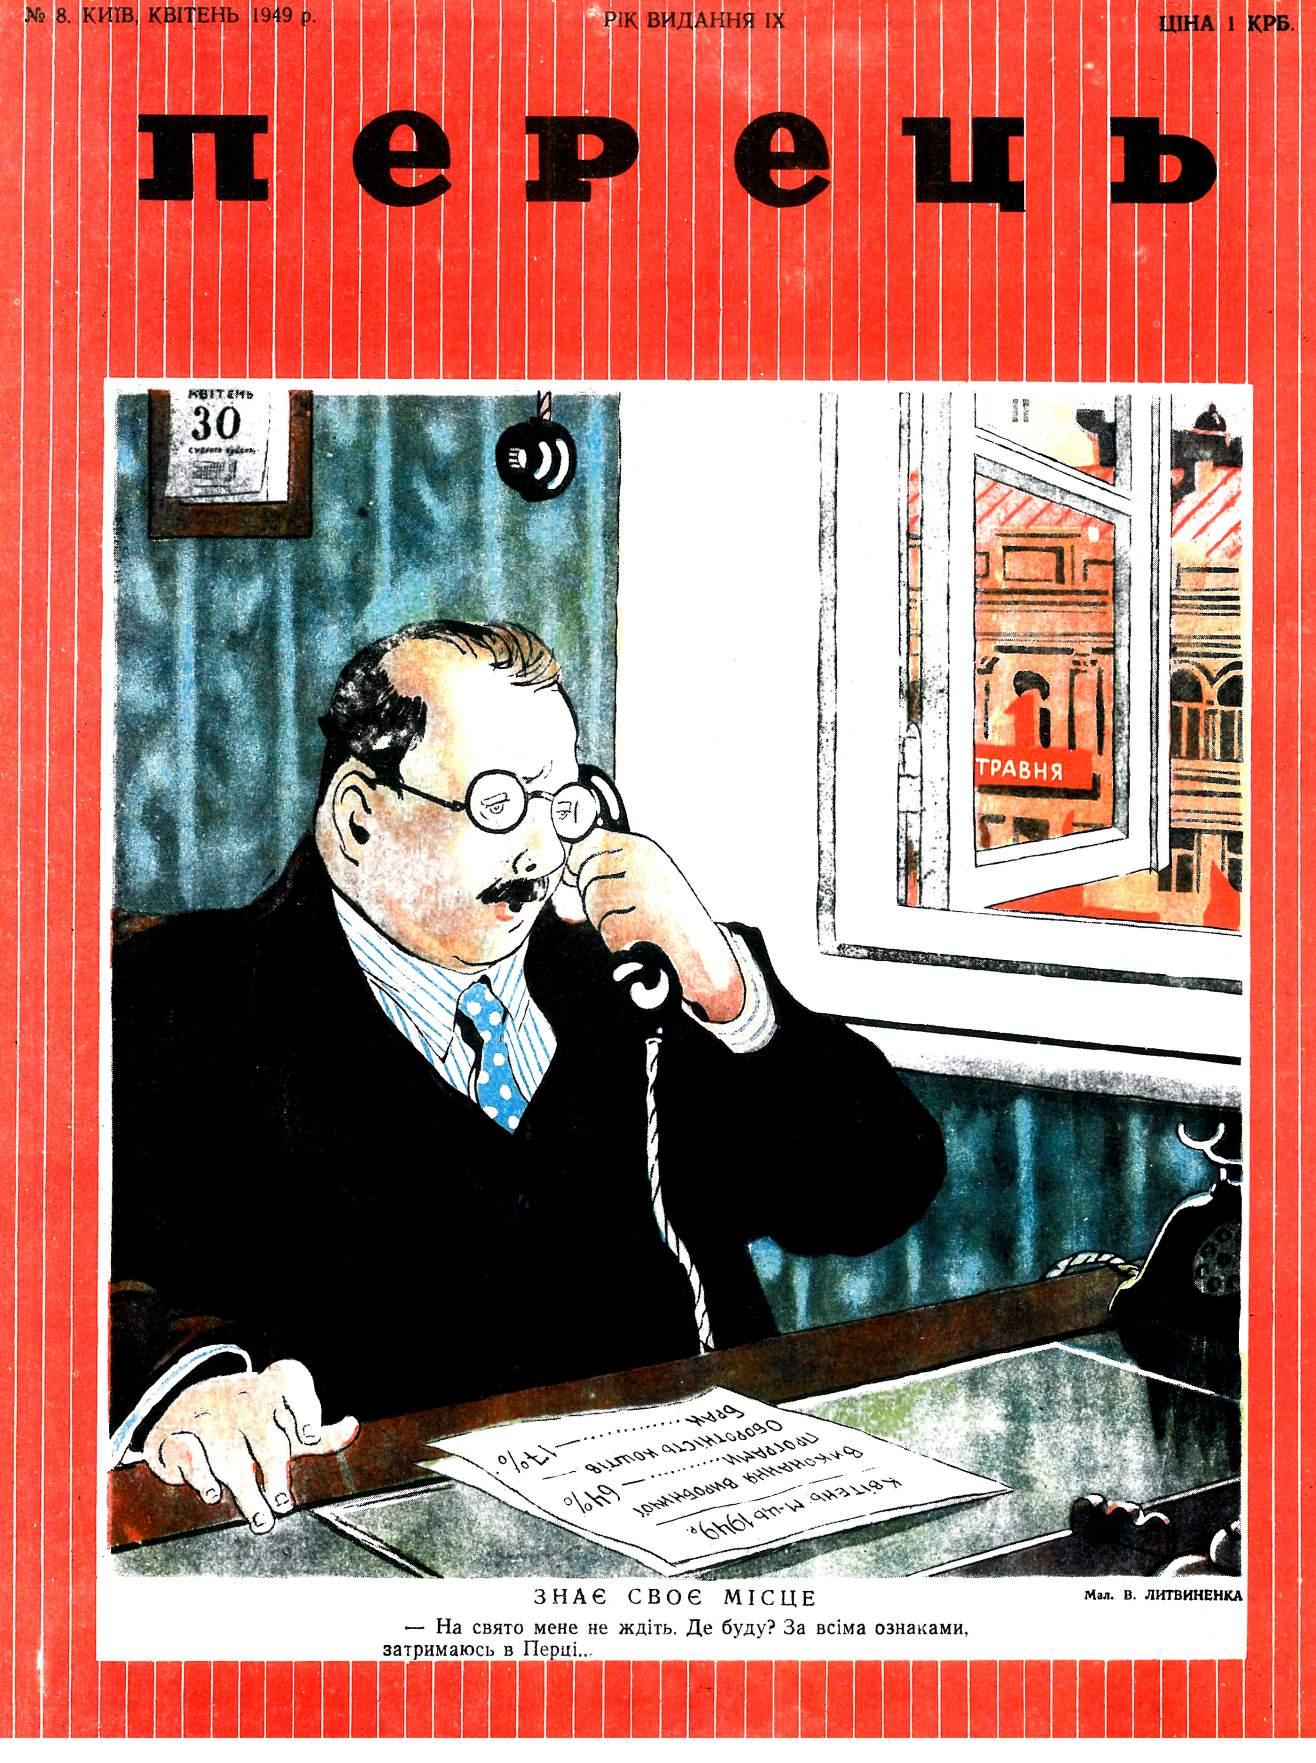 Журнал перець 1949 №08